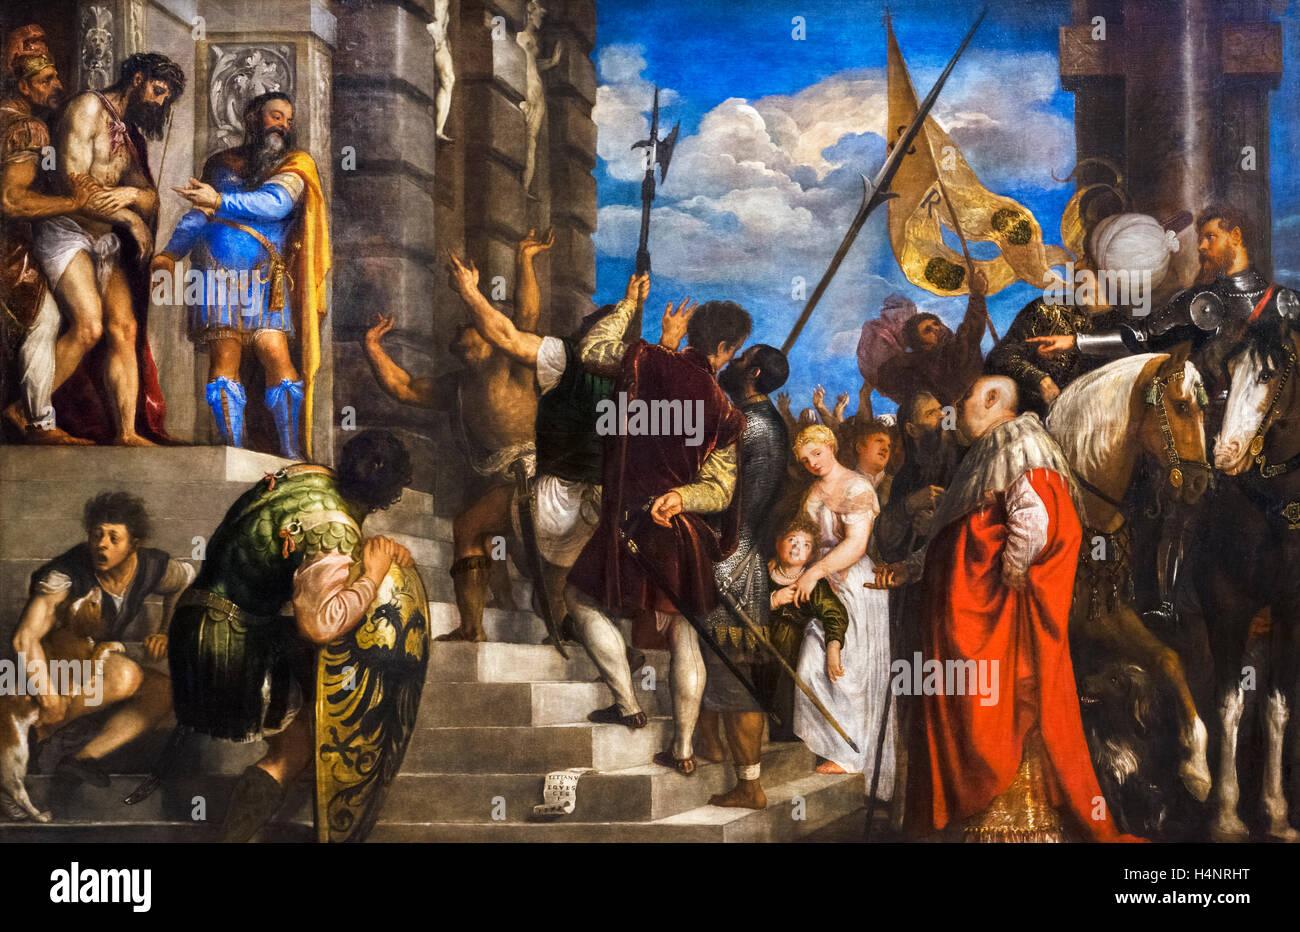 Ecce Homo by Titian (Tiziano Vecelli, c.1488-1576), 1543, oil on canvas. - Stock Image